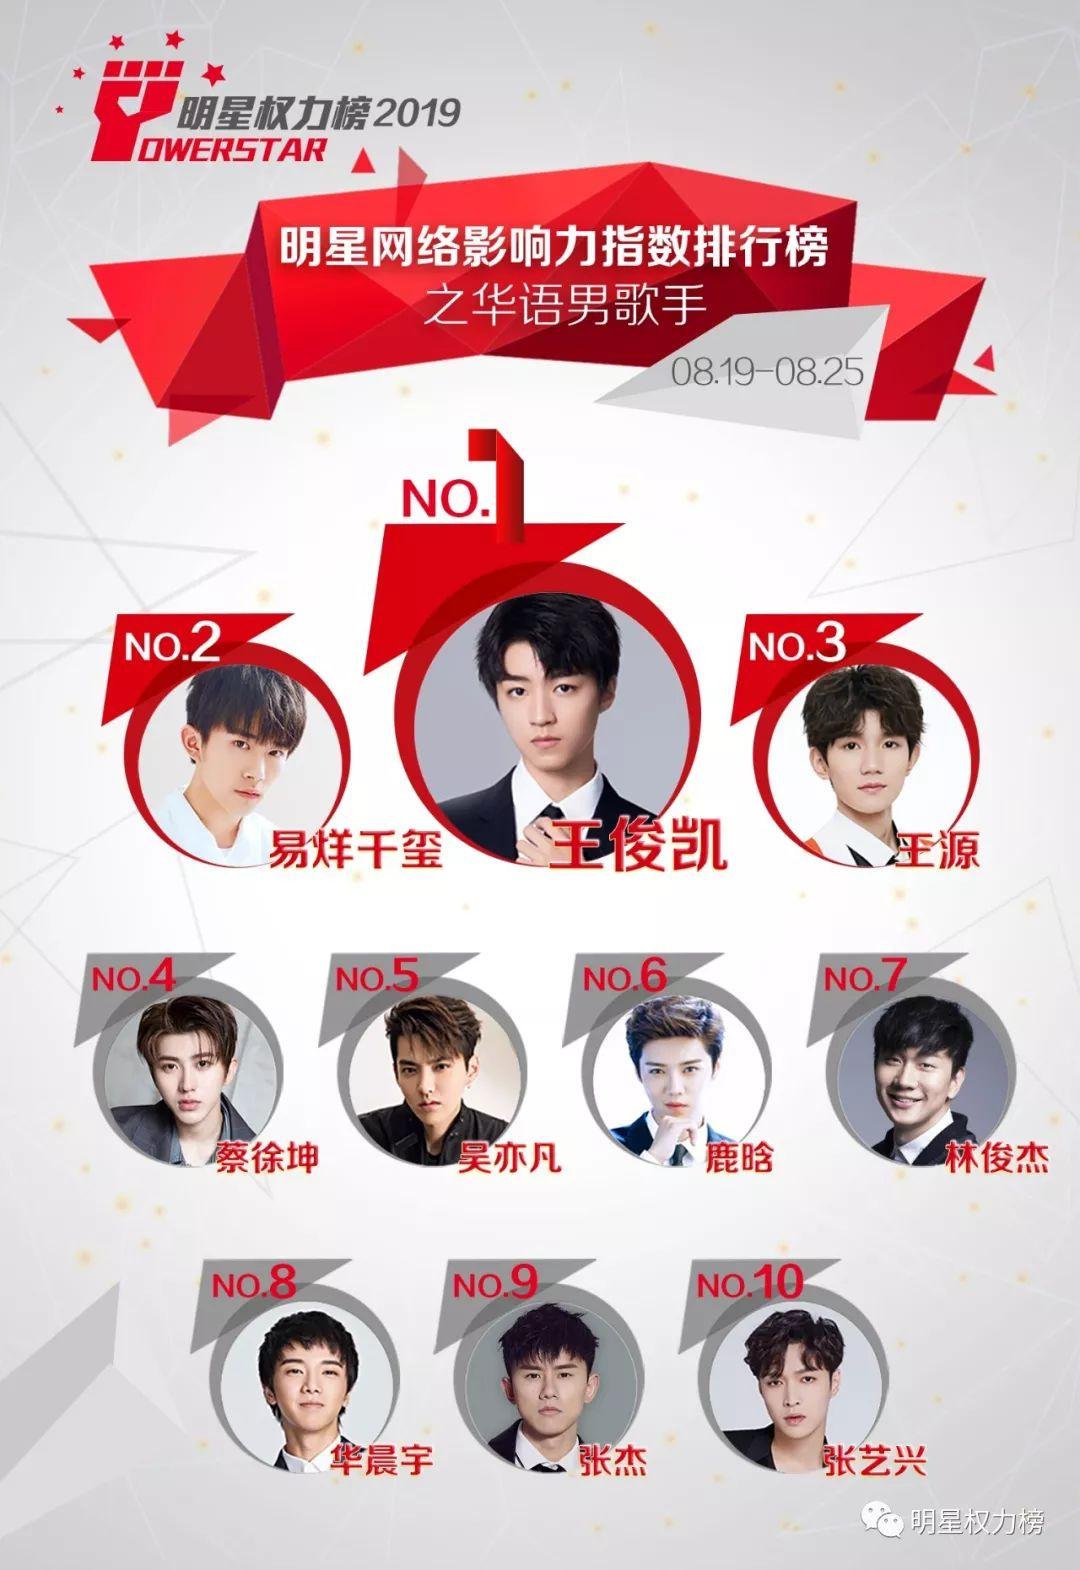 明星网络影响力指数排行榜第214期榜单之华语男歌手Top10